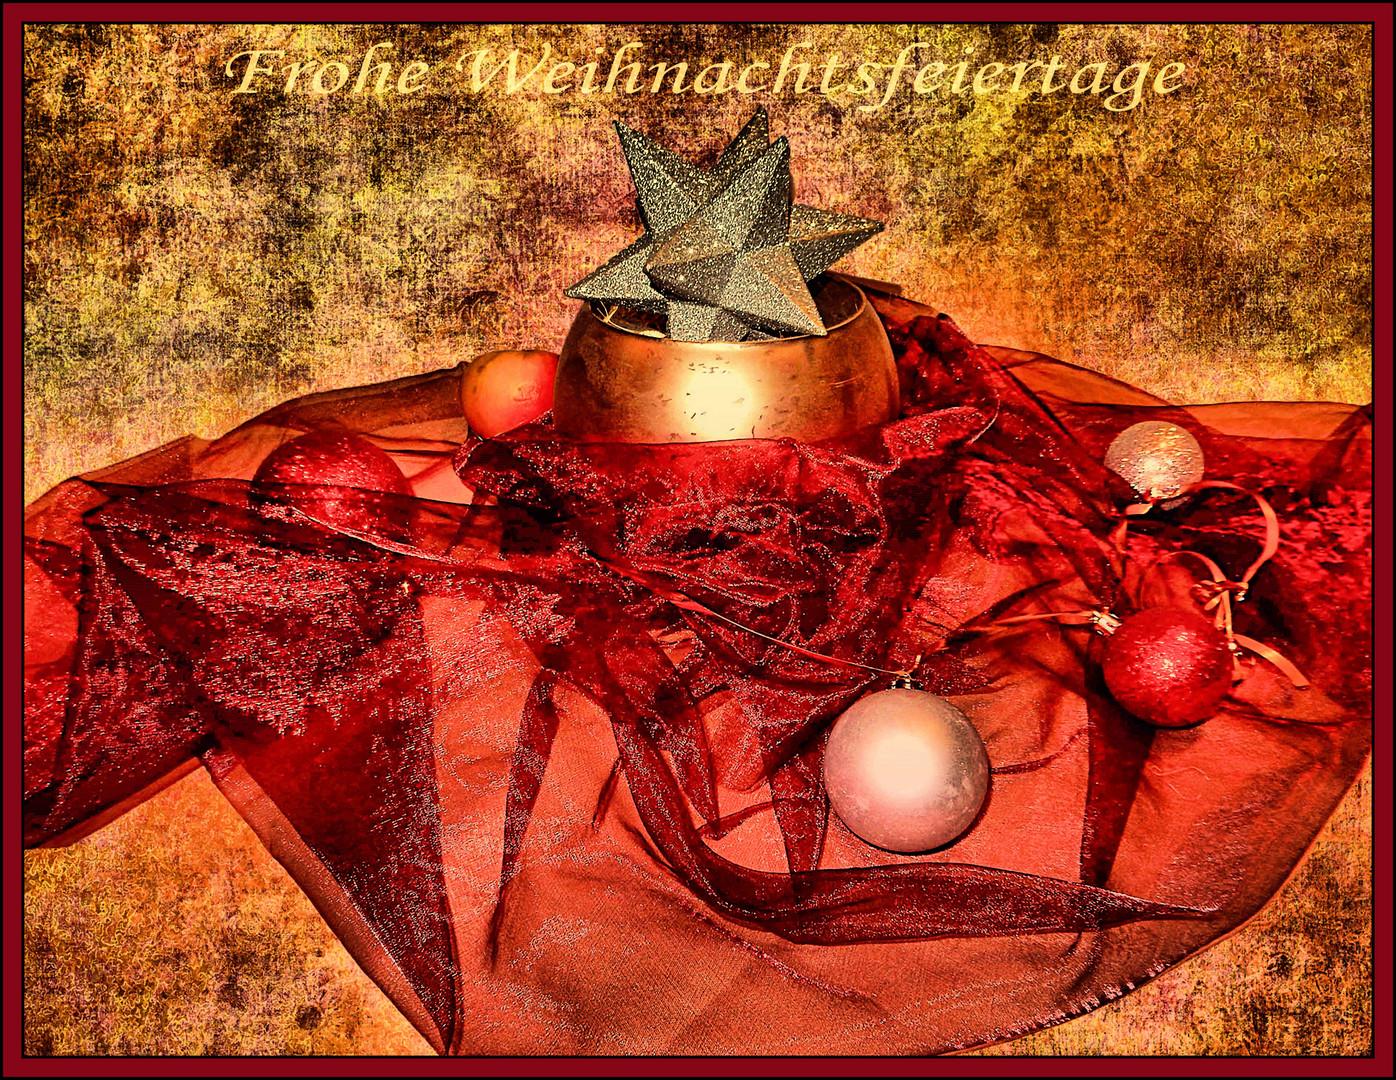 Herzliche Weihnachtswünsche.Herzliche Weihnachtsgrüße Foto Bild Spezial Digiart Kerze